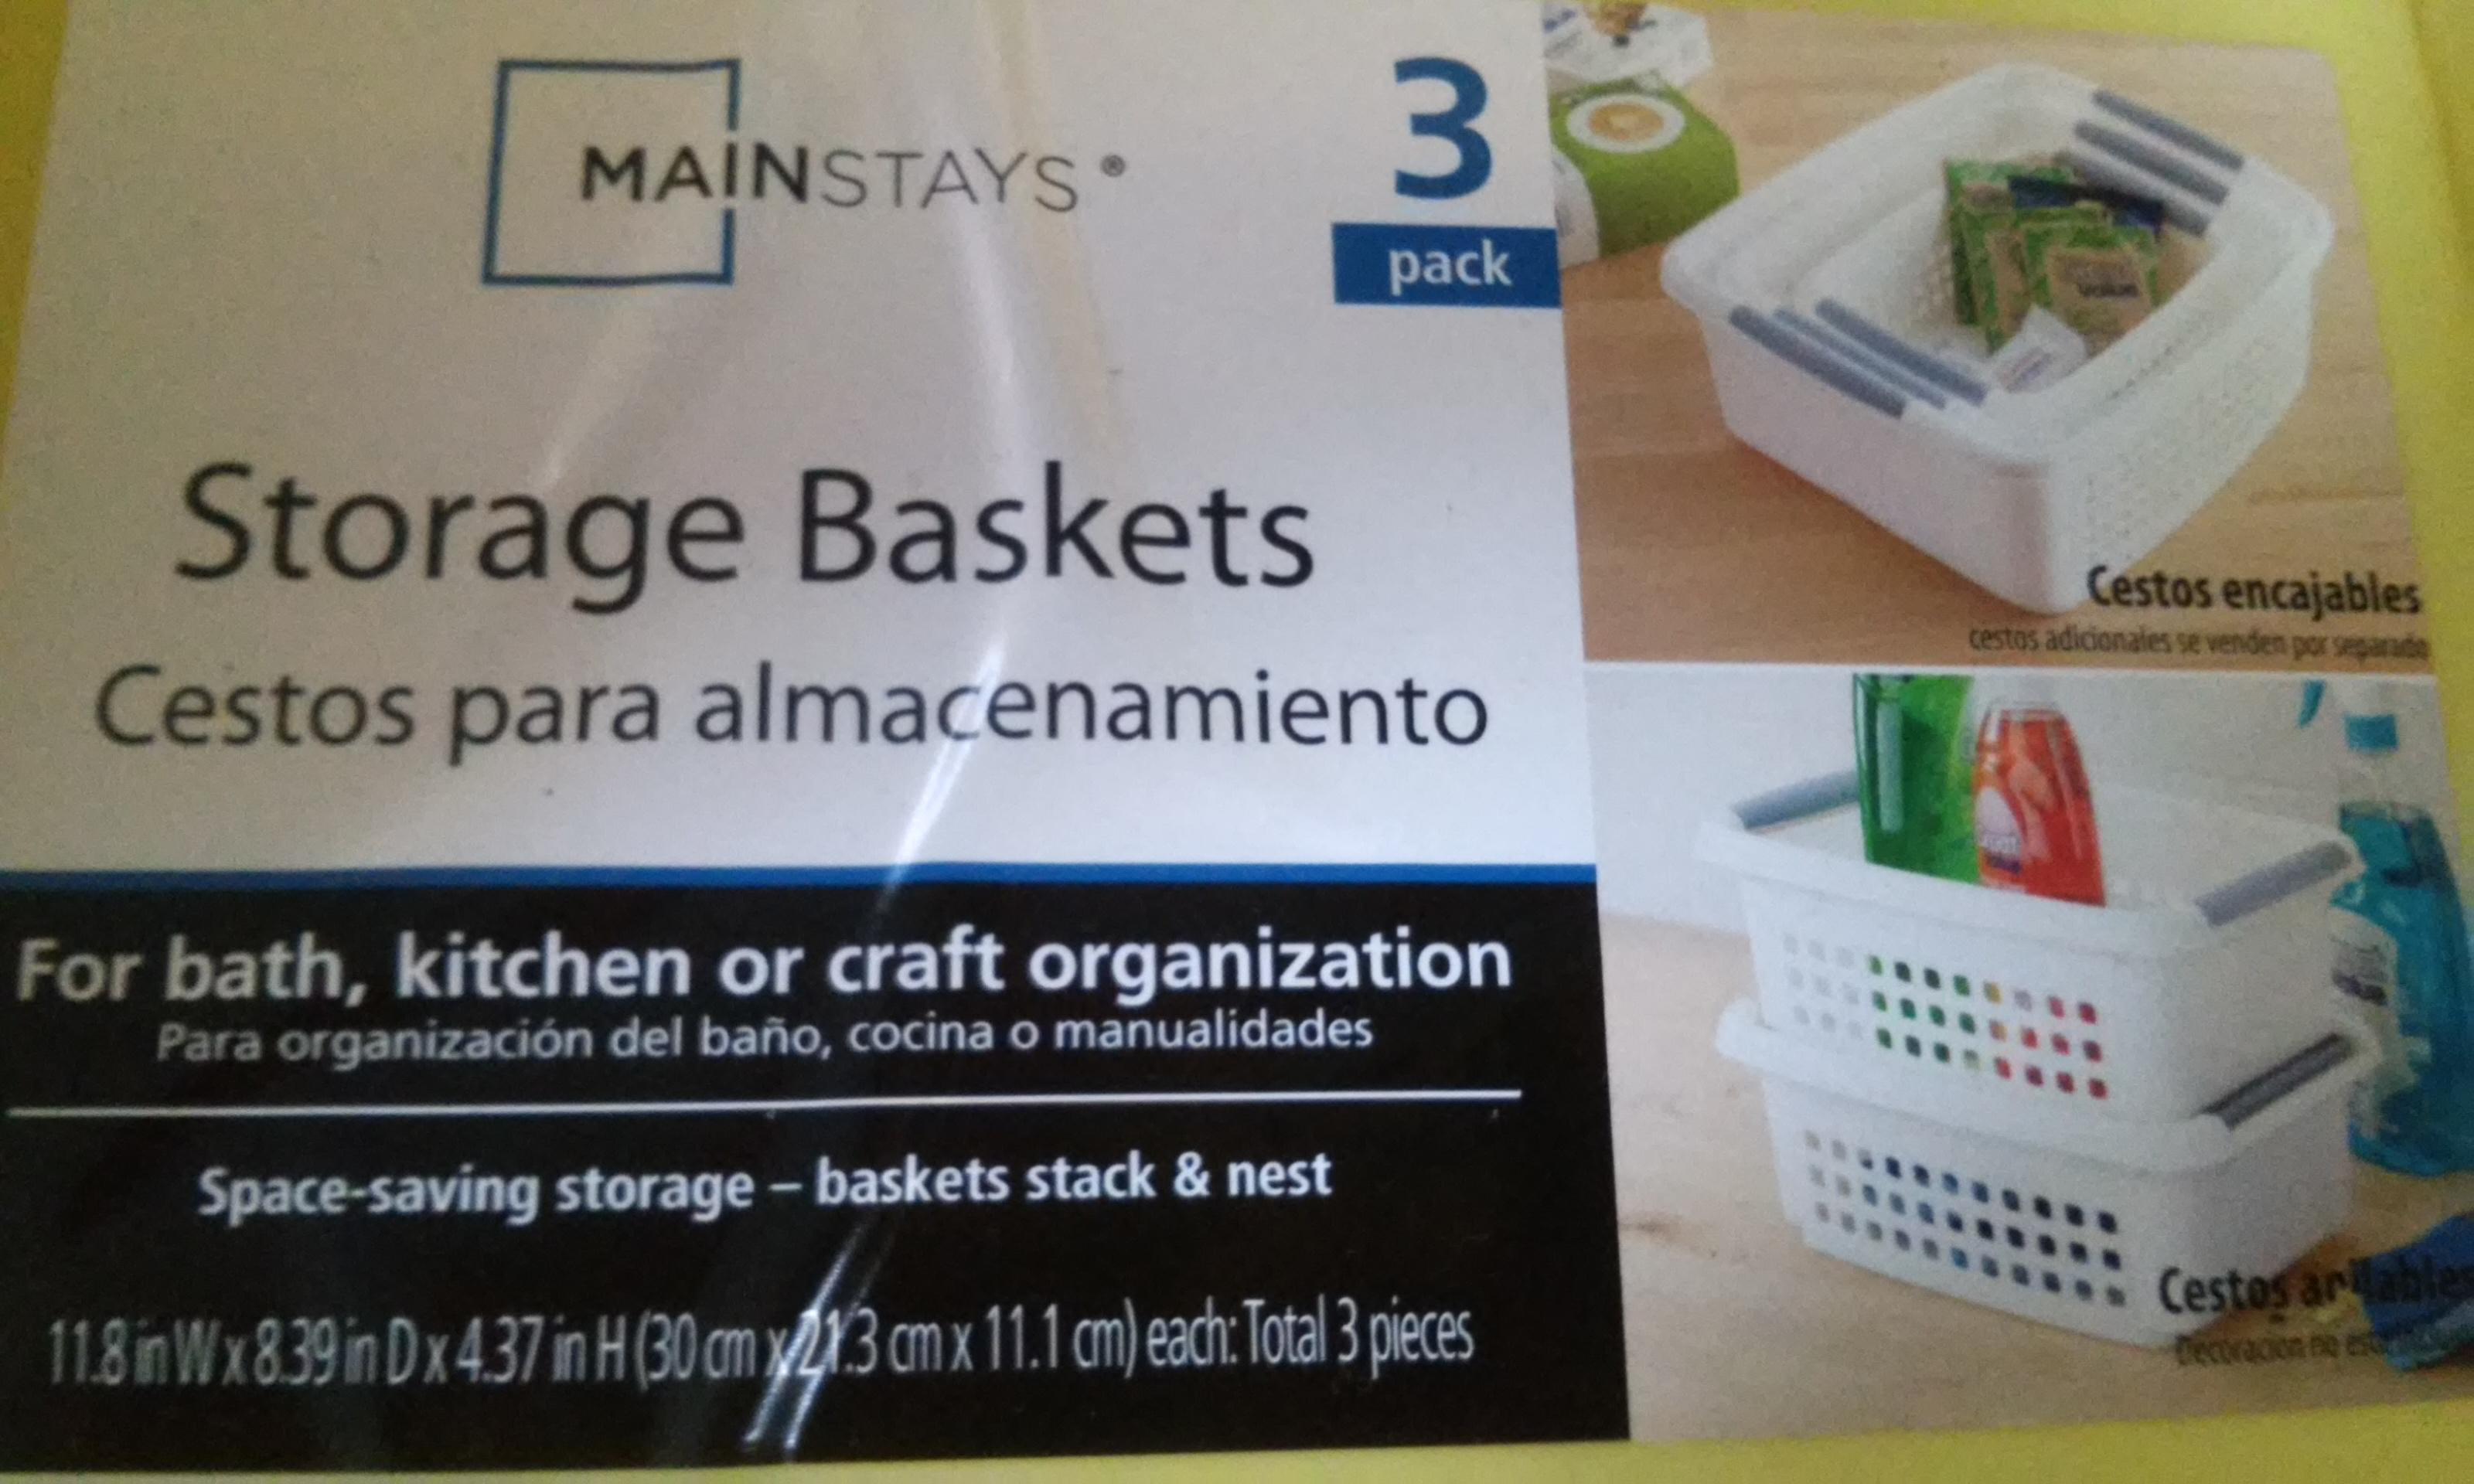 Walmart Cuitláhuac: Cestos para almacenamiento Mainstays 3pz a  $10.01